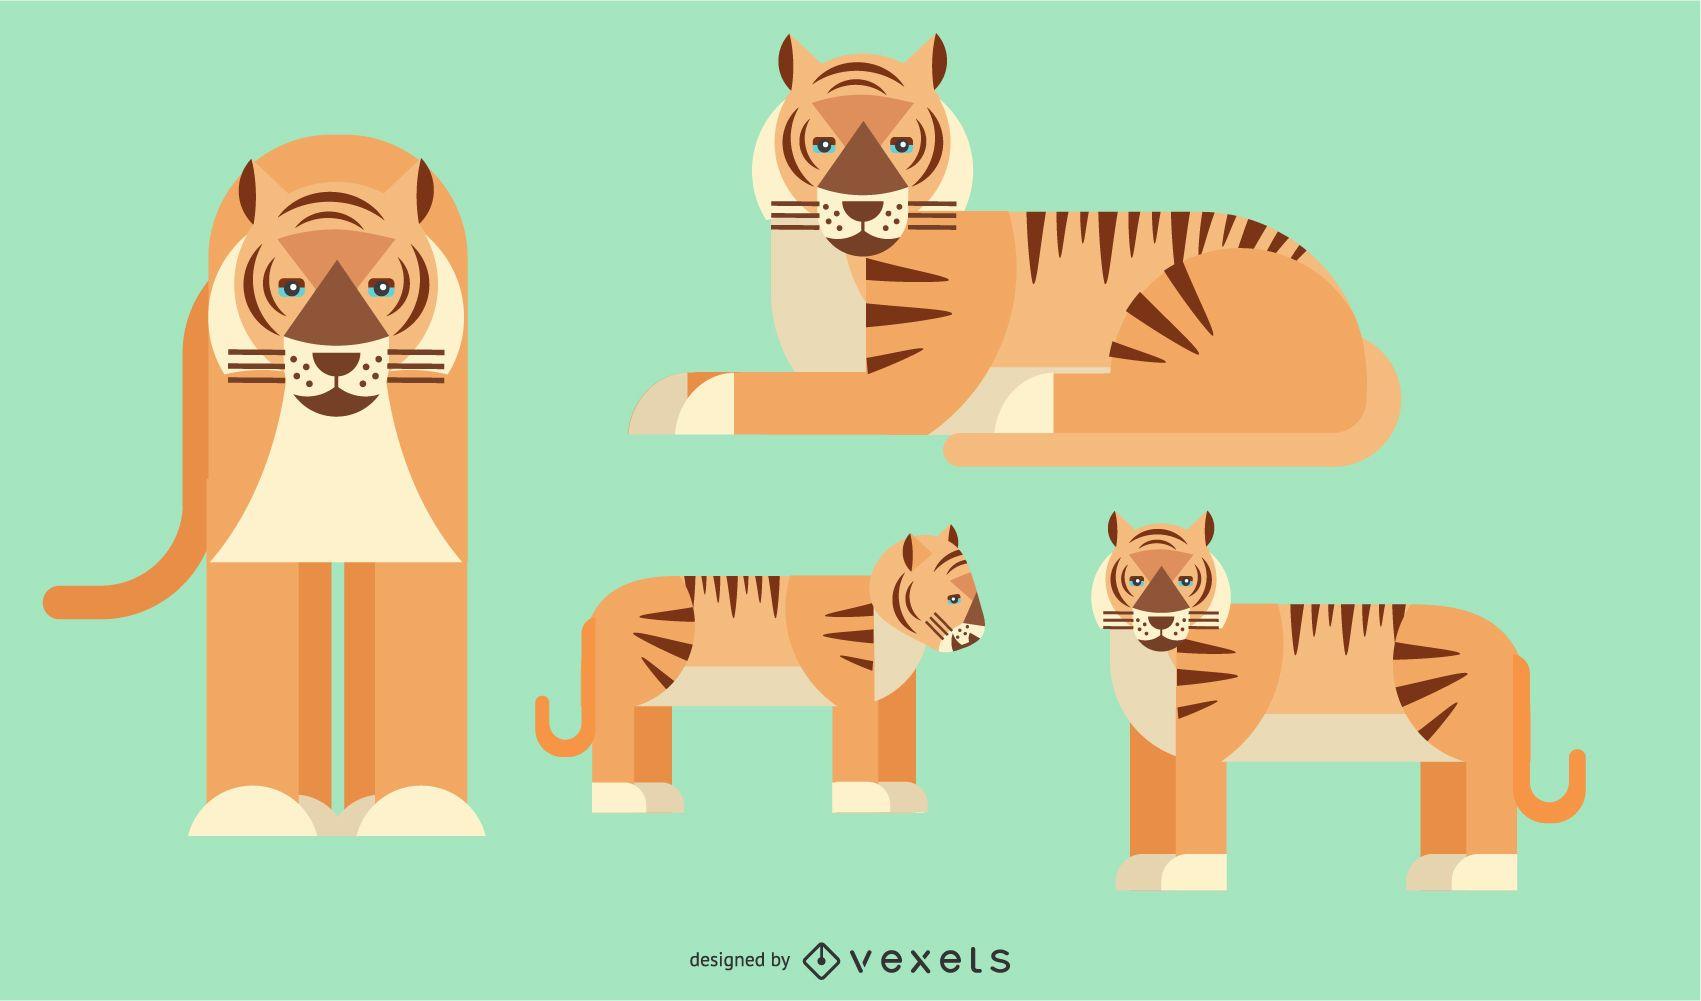 Diseño de vectores geométricos redondeados de tigre